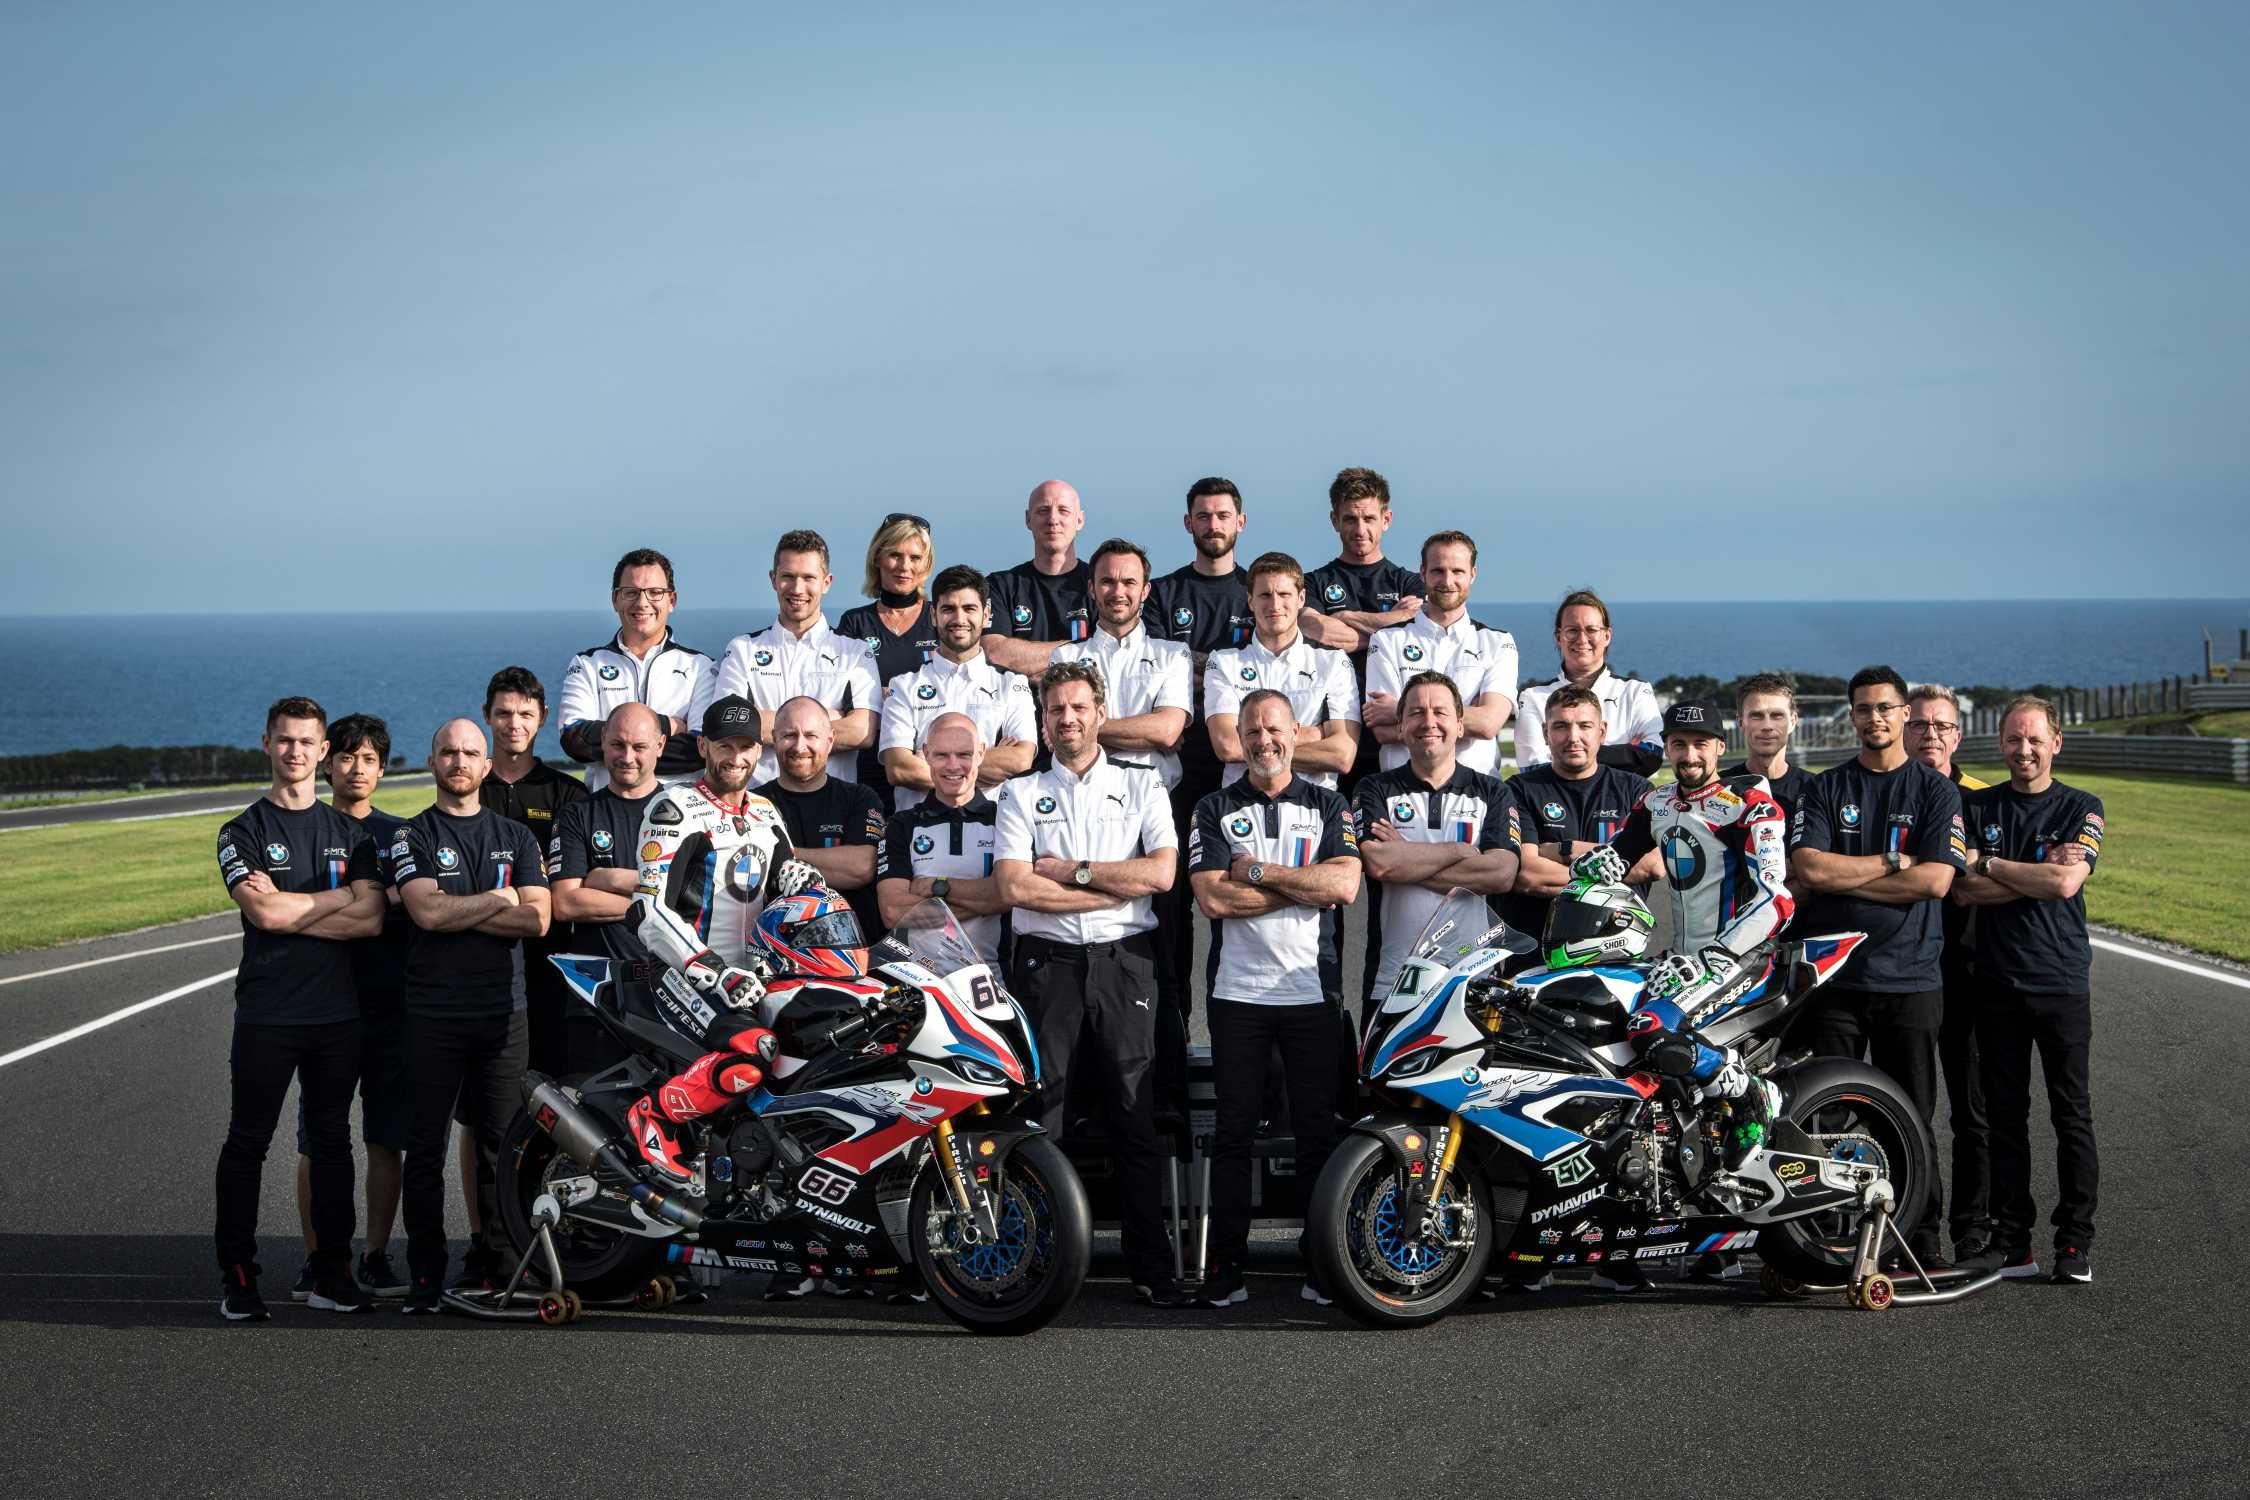 2020 Seasonopener Of The Fim Superbike World Championship With Bmw Motorrad Worldsbk Team Phillipisland The Countdo In 2020 World Championship Bmw Motorrad Bmw